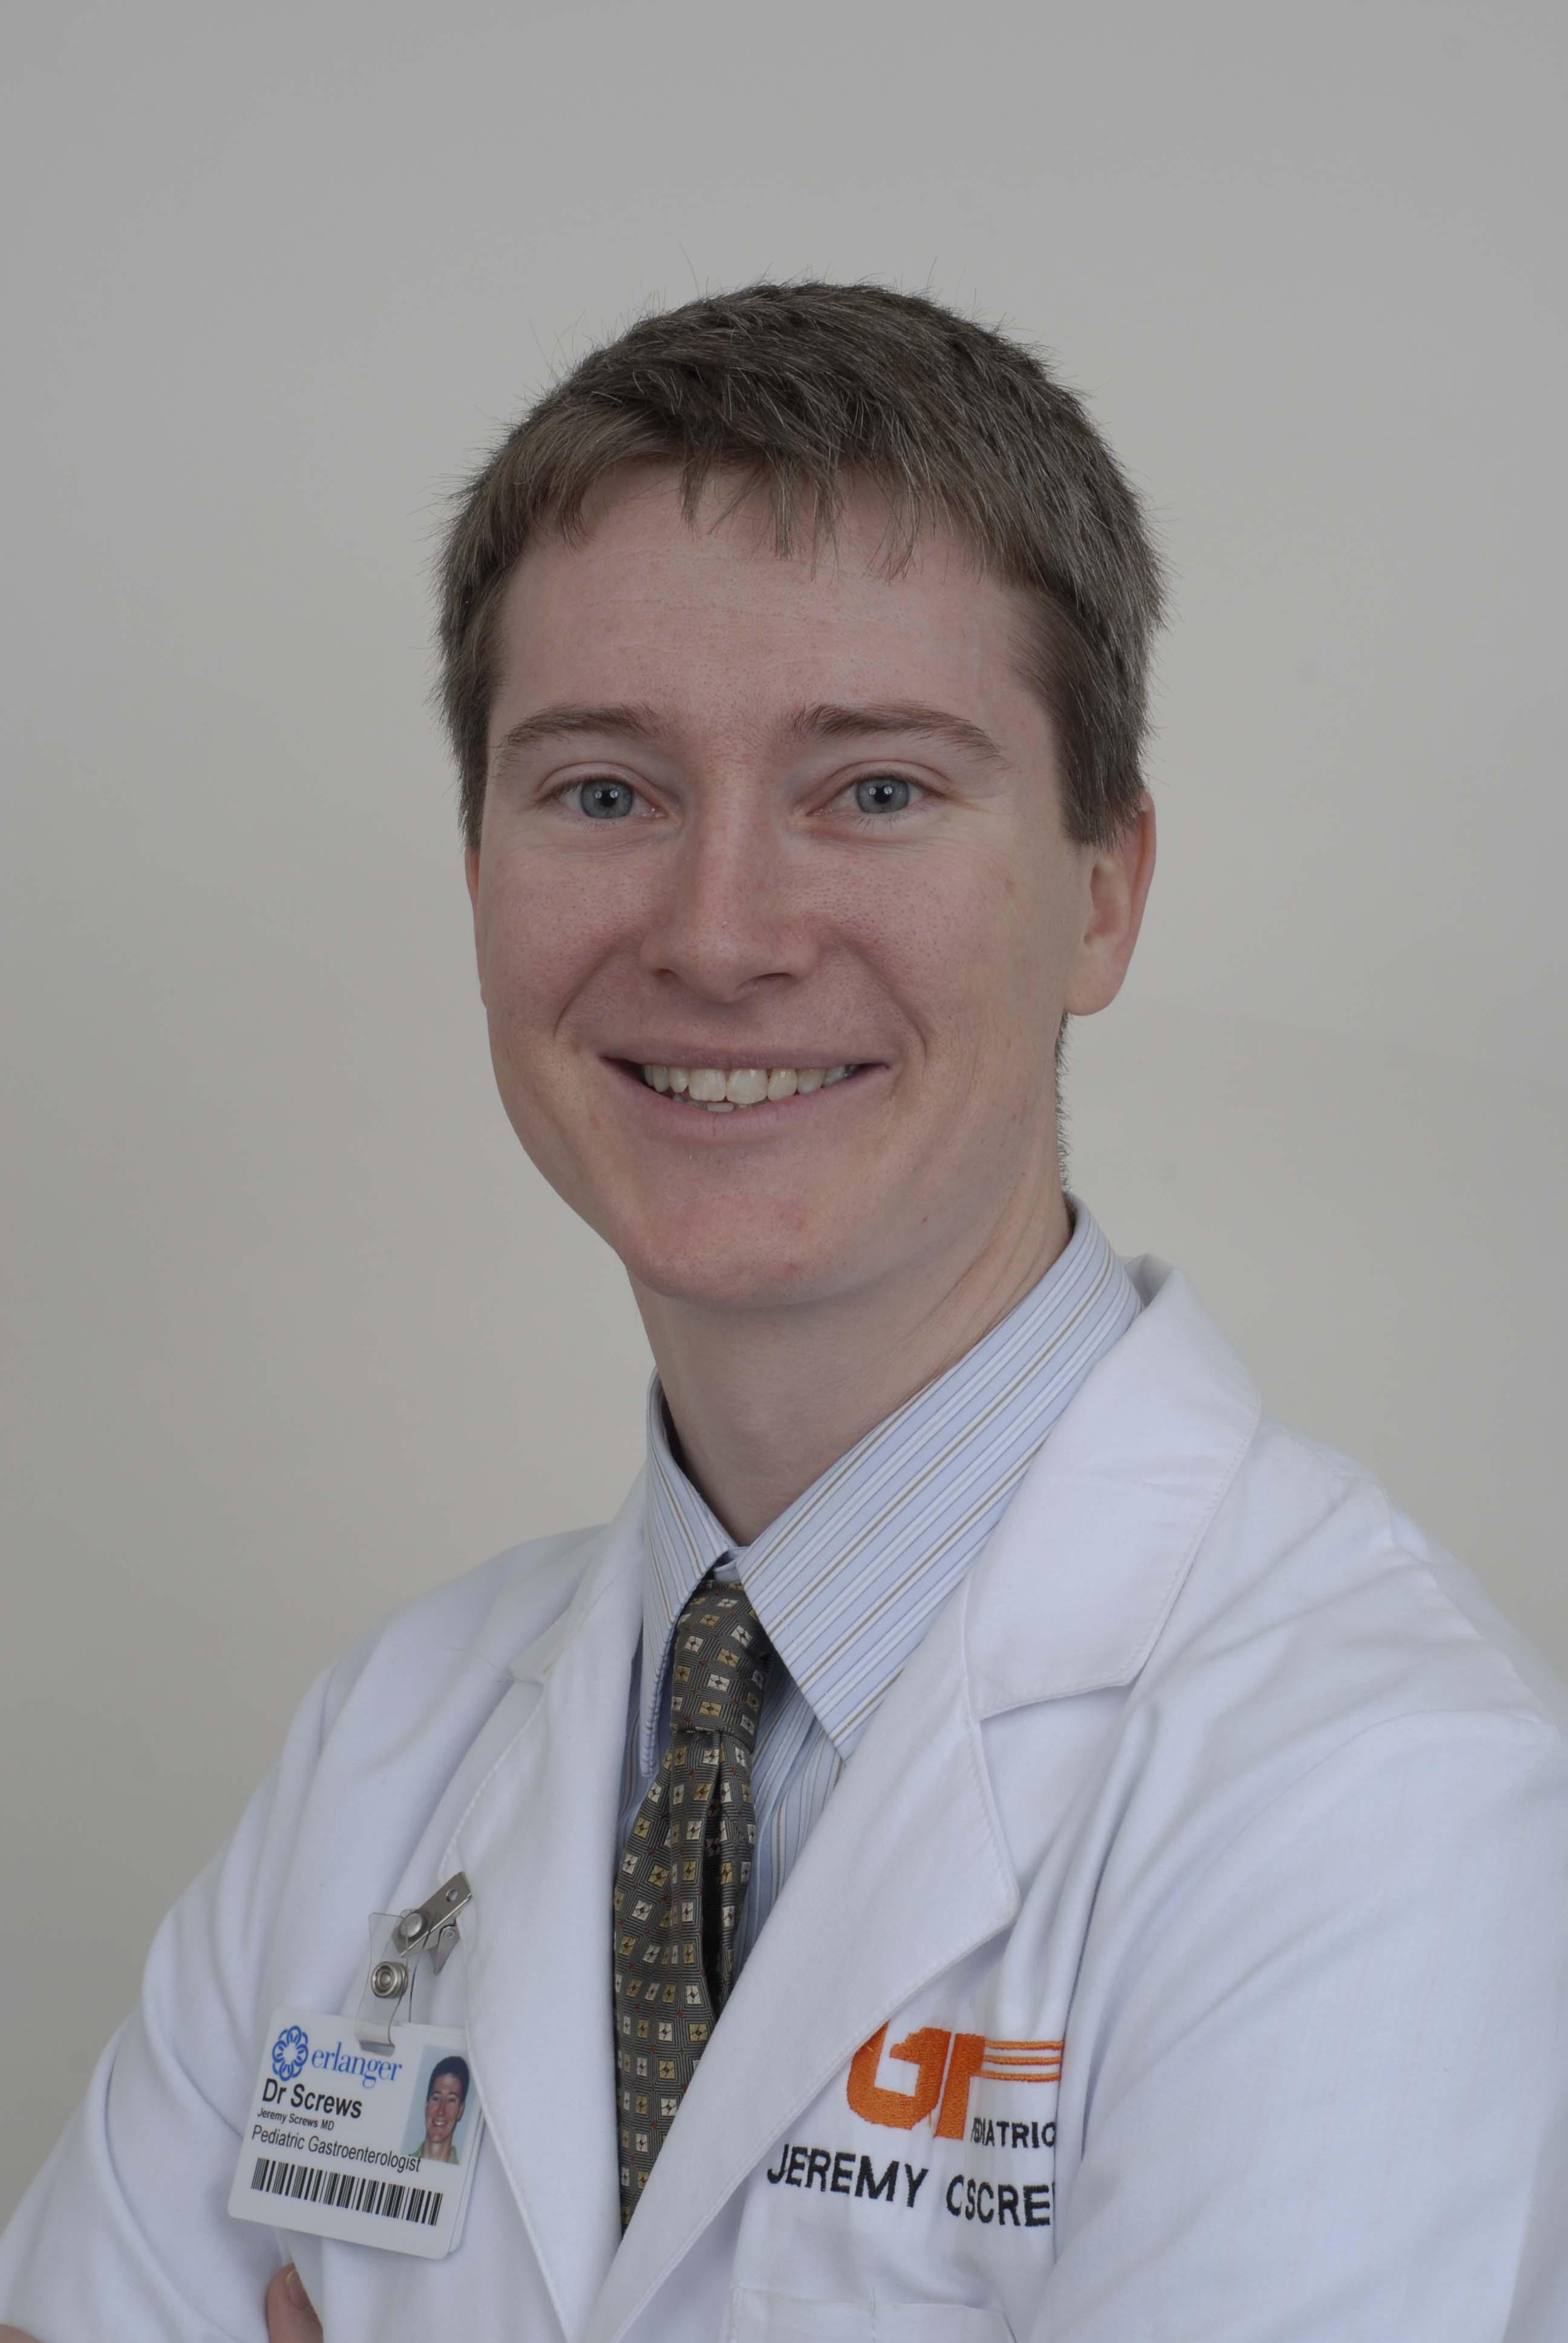 Erlanger East welcomes pediatric gastroenterologist, Dr. Jeremy Screws